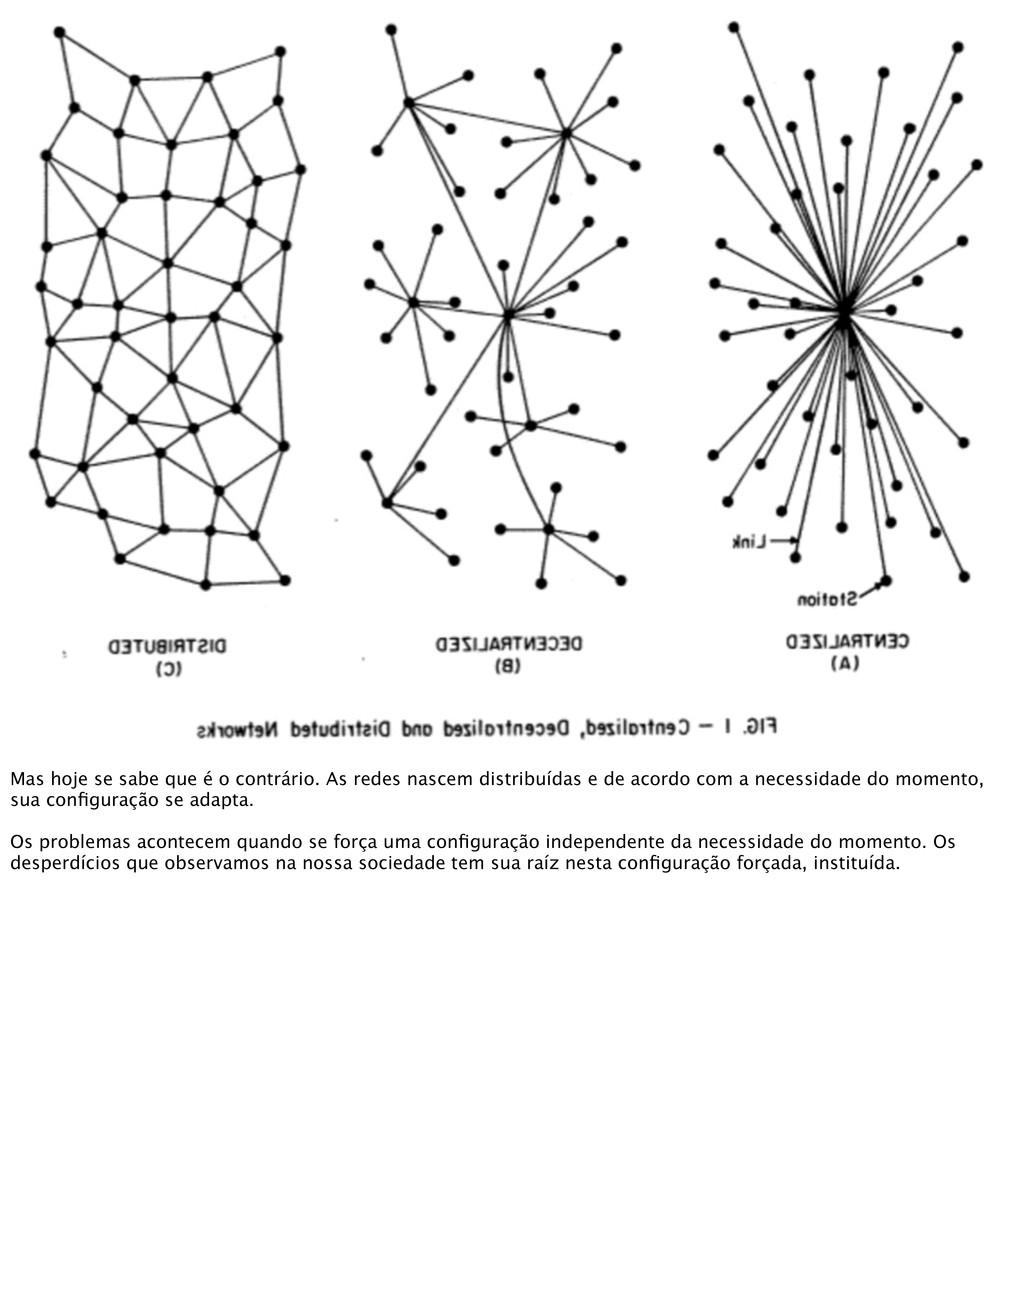 Mas hoje se sabe que é o contrário. As redes na...